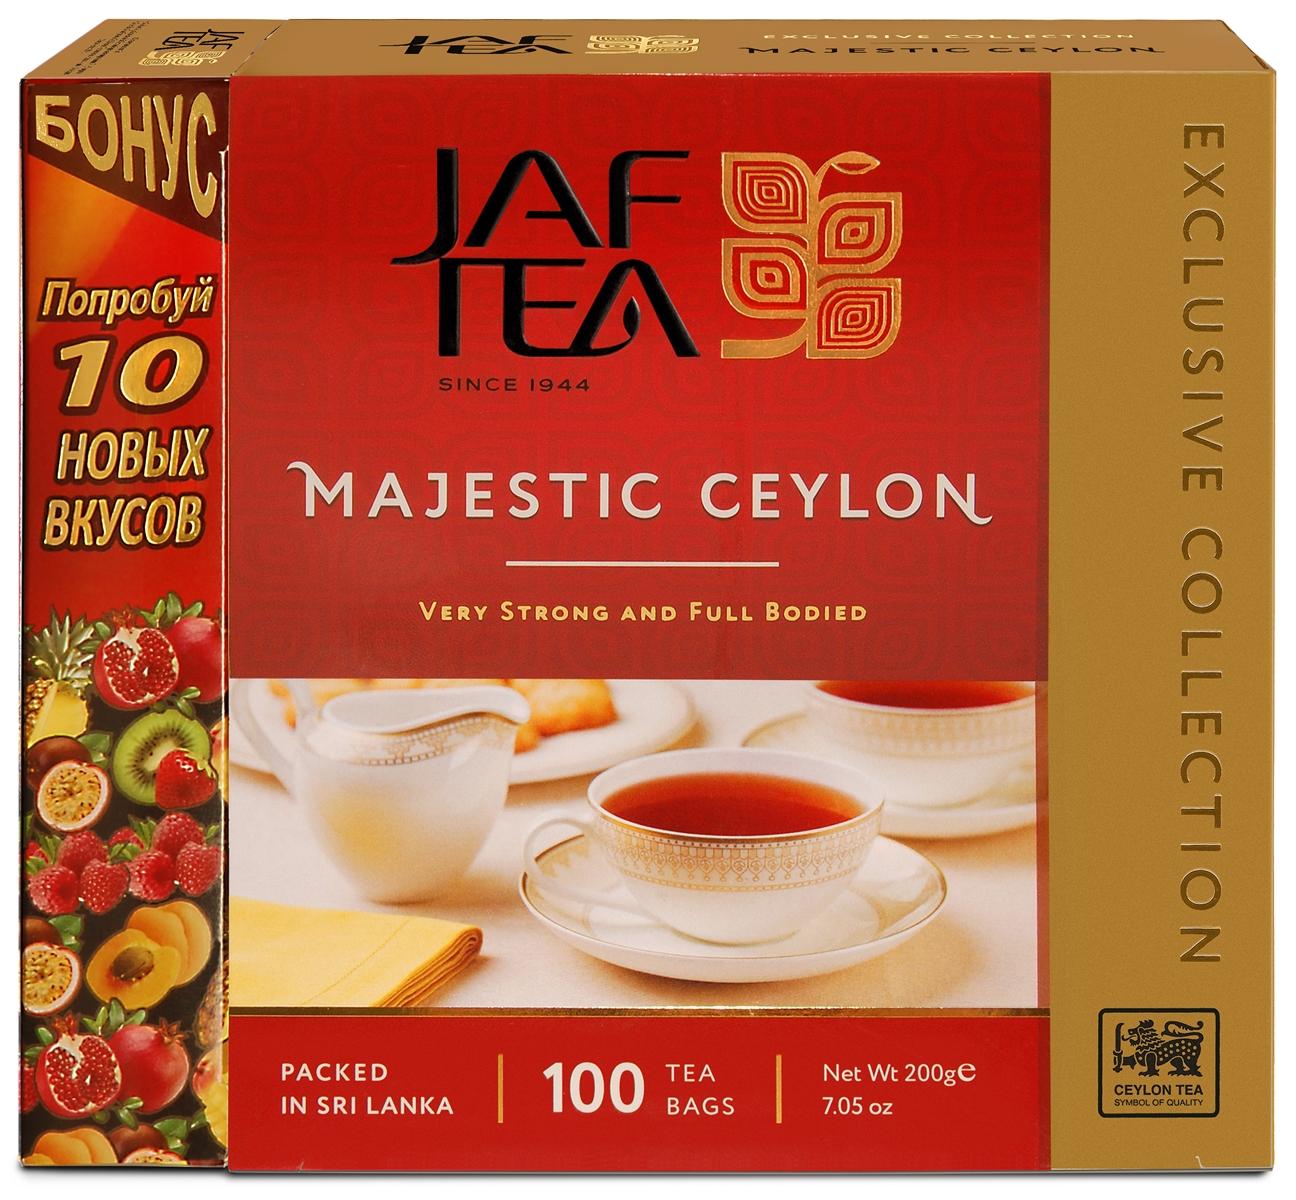 Цейлонский чёрный чай в двухкамерных пакетиках с ярлыком + 10 пак. с ароматами в подарок!Уважаемые клиенты! Обращаем ваше внимание на то, что упаковка может иметь несколько видов дизайна. Поставка осуществляется в зависимости от наличия на складе.